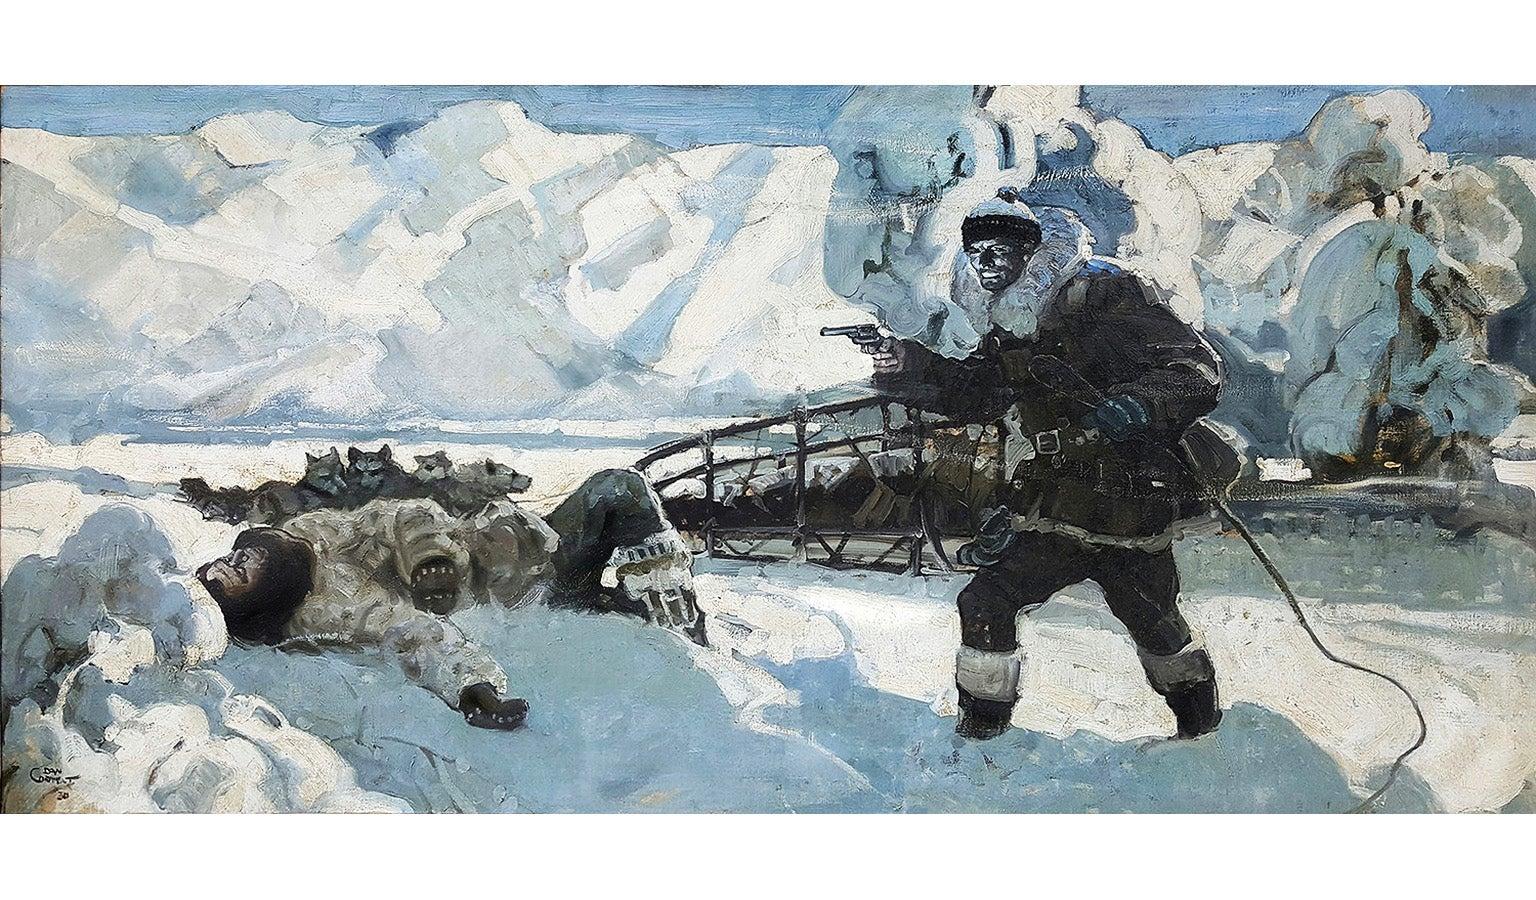 Alaskan Huskie  - The Howl of the Malemute